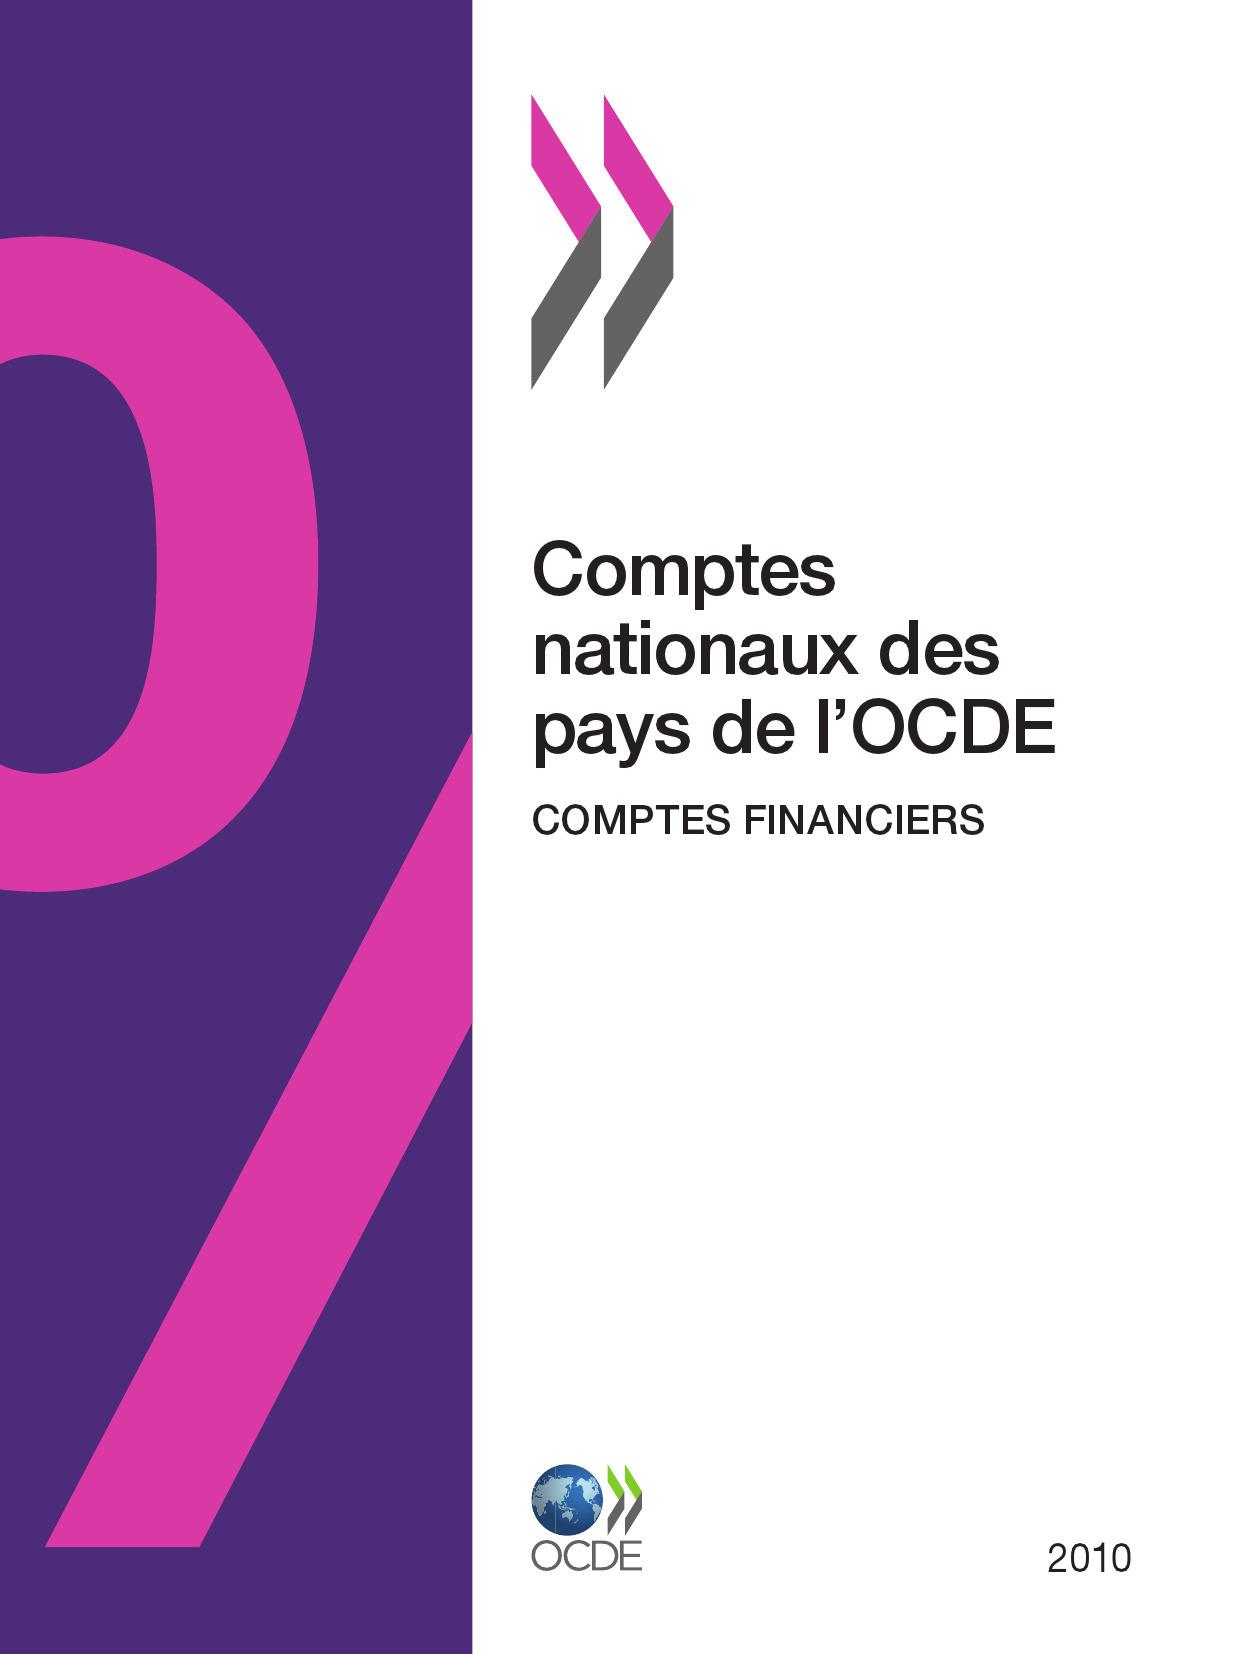 Comptes nationaux des pays de l'OCDE, Comptes financiers 2010